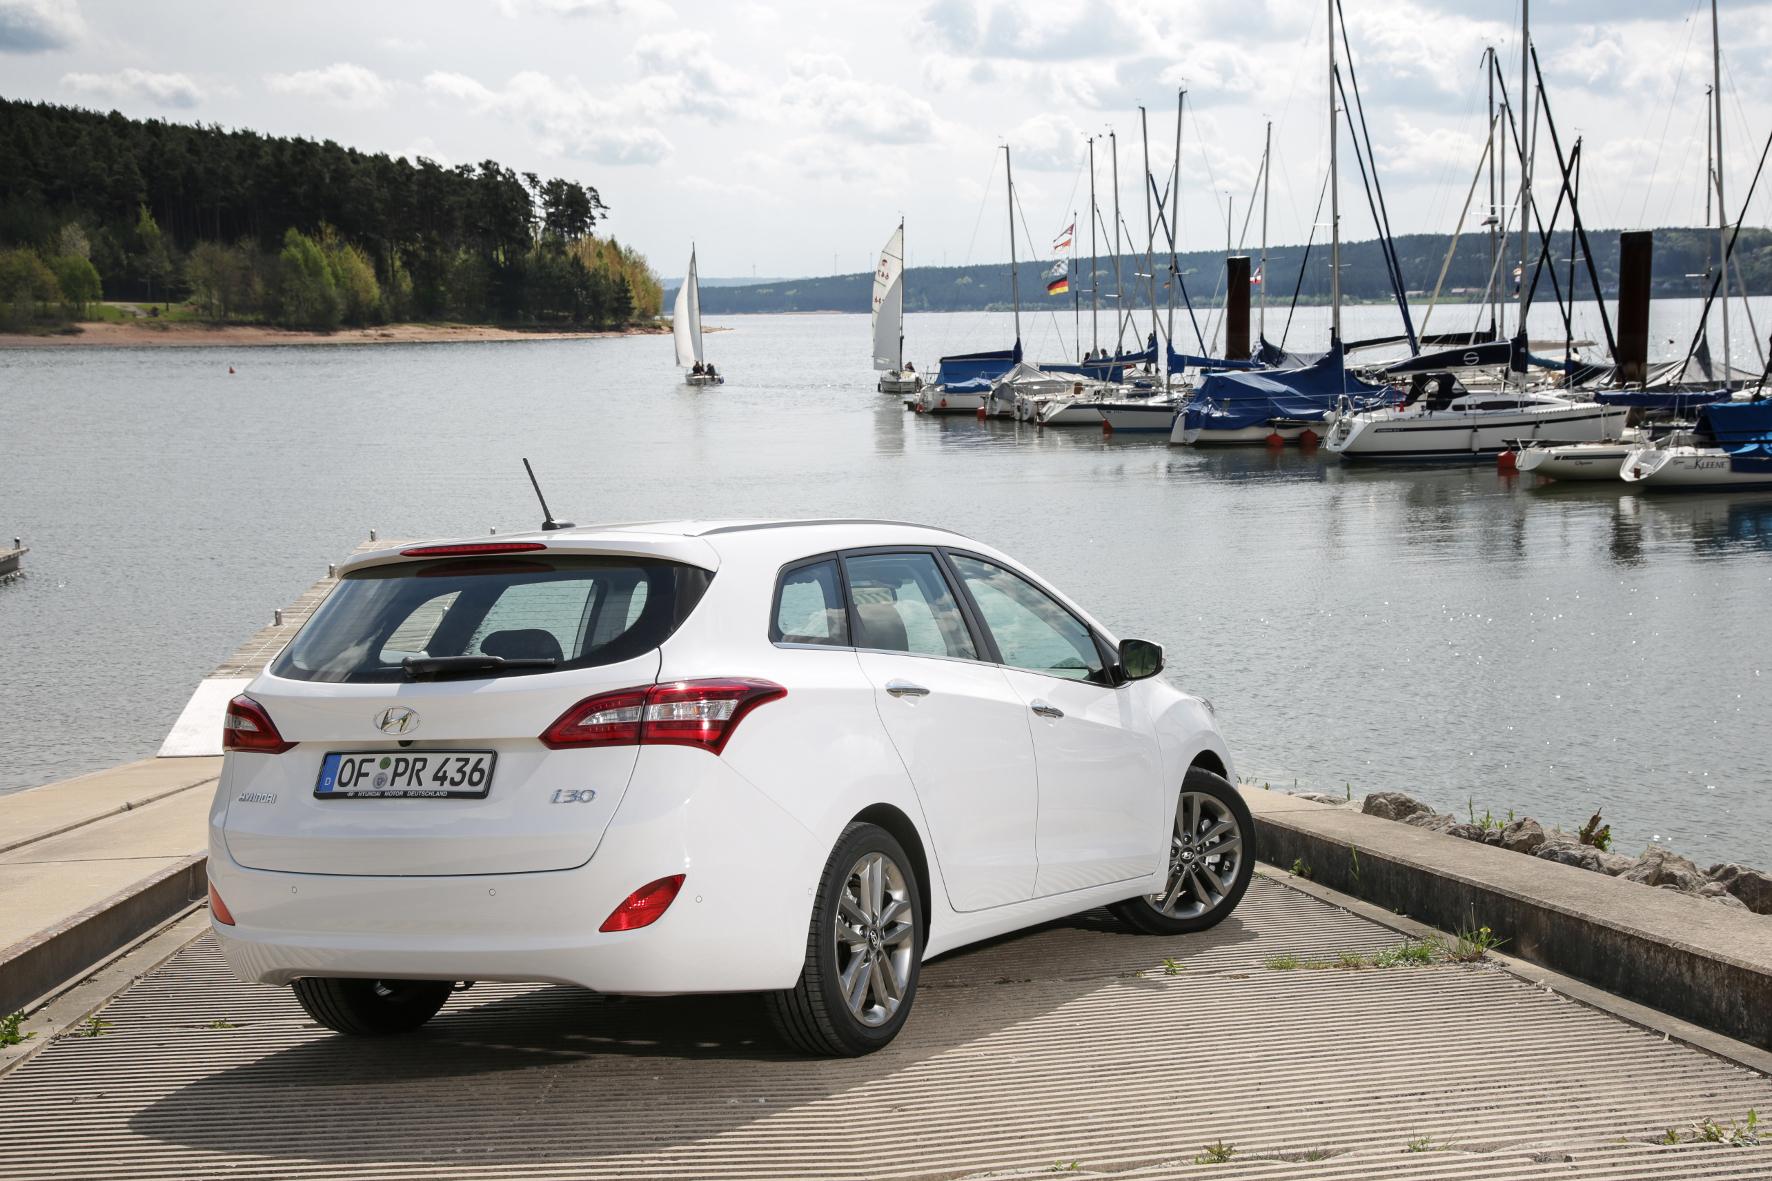 mid Groß-Gerau - Diese Urlaubsfahrt hat sich der Hyundai i30 Kombi verdient. Im Dauertest überzeugt der kompakte Koreaner auf der ganzen Linie.